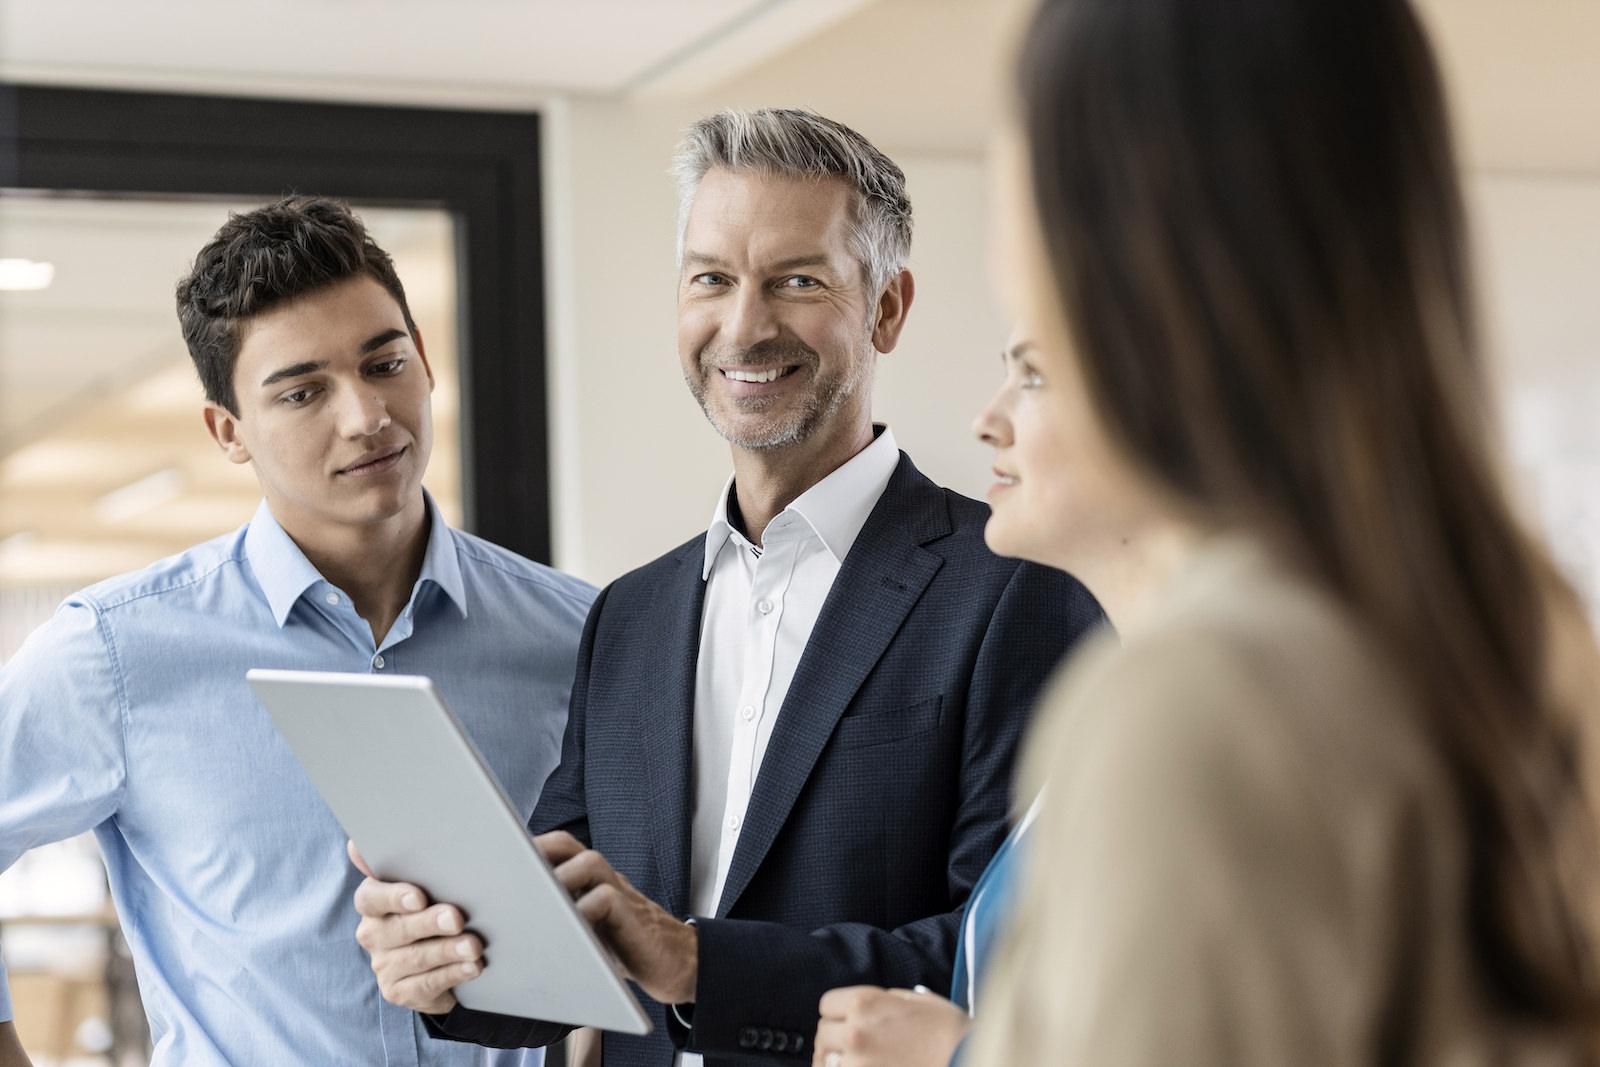 männliche Führungskraft mit Trainees im Office Businesstylign Monika Mages